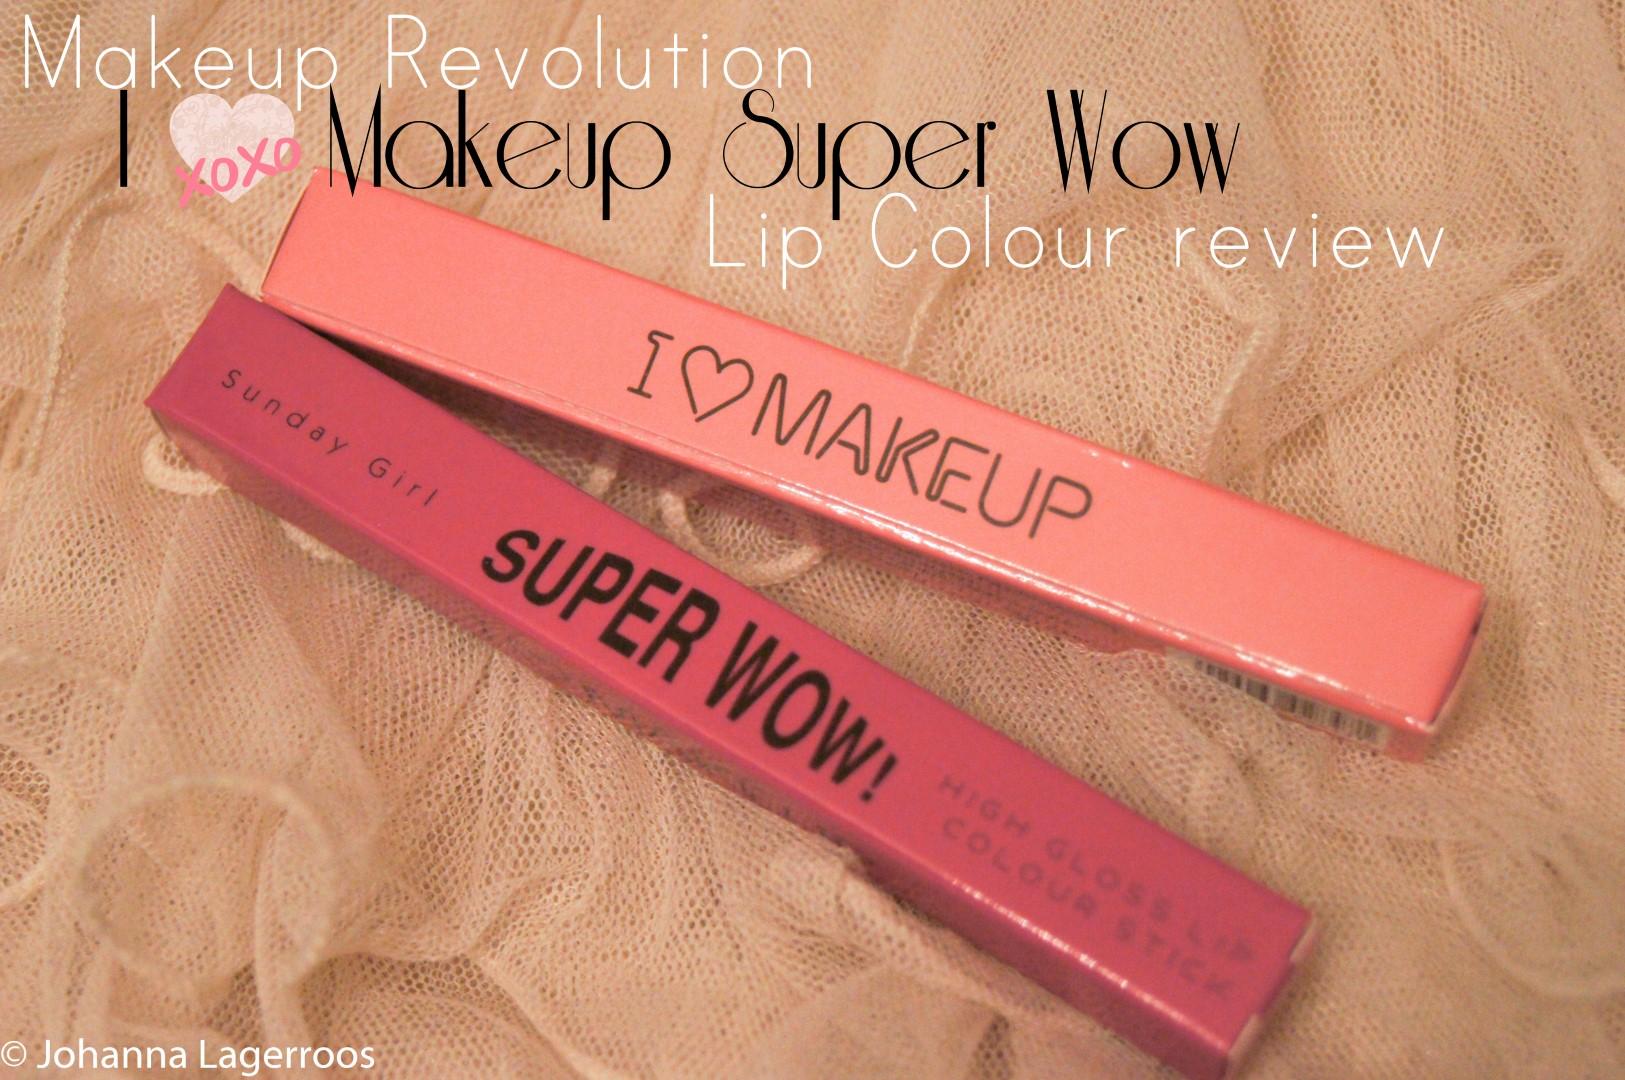 Makeup Revolution Super Wow lip colour